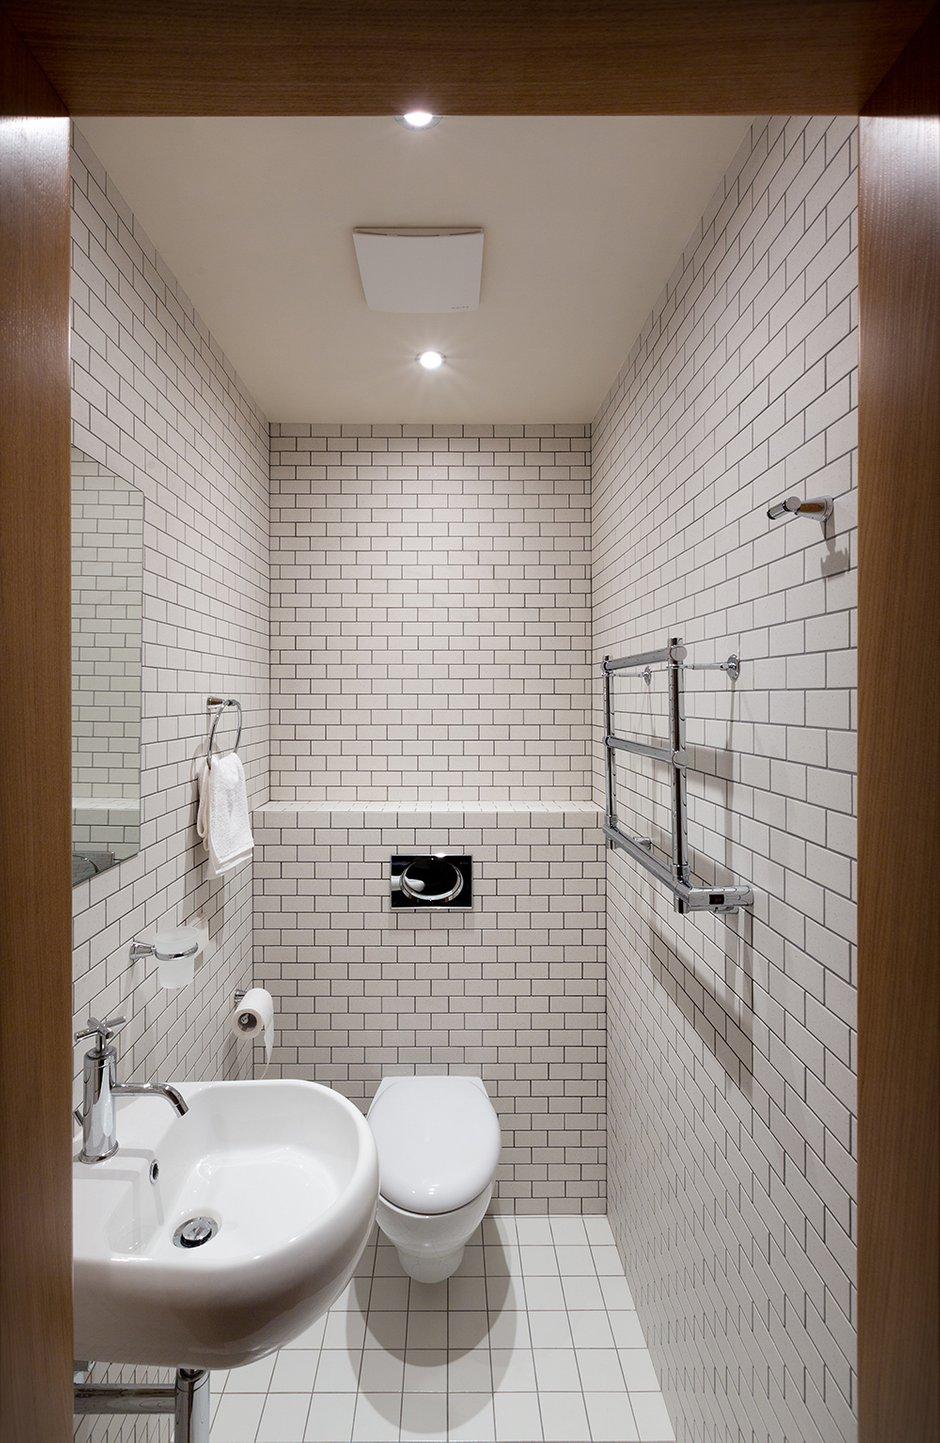 Фотография: Ванная в стиле Современный, Декор интерьера, Квартира, Normann Copenhagen, Vitra, Дома и квартиры, Проект недели, SLV – фото на InMyRoom.ru